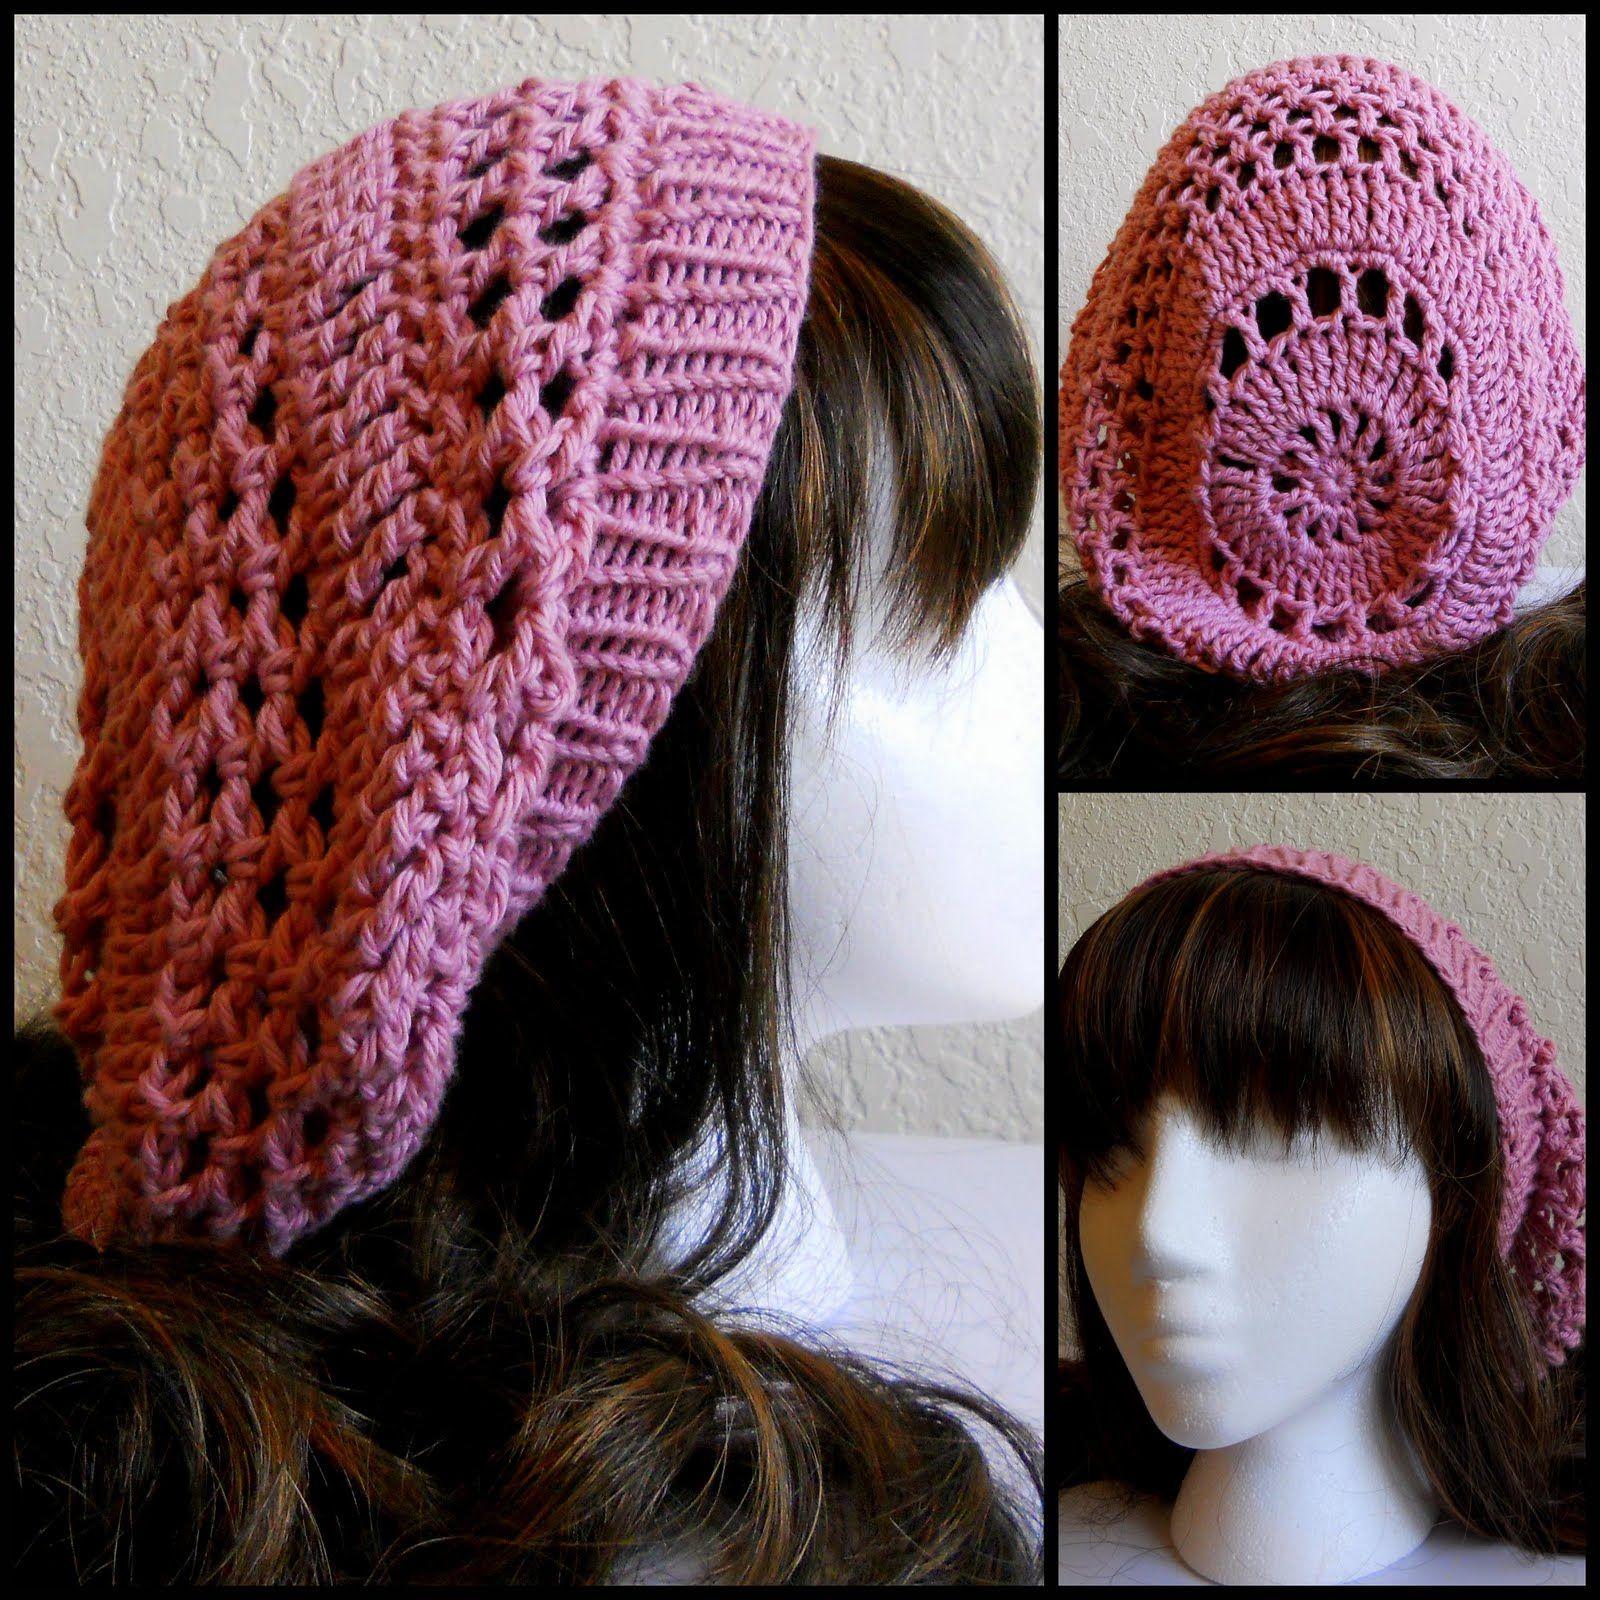 crochet summer hat pattern - Google Search   Crochet Patterns ...